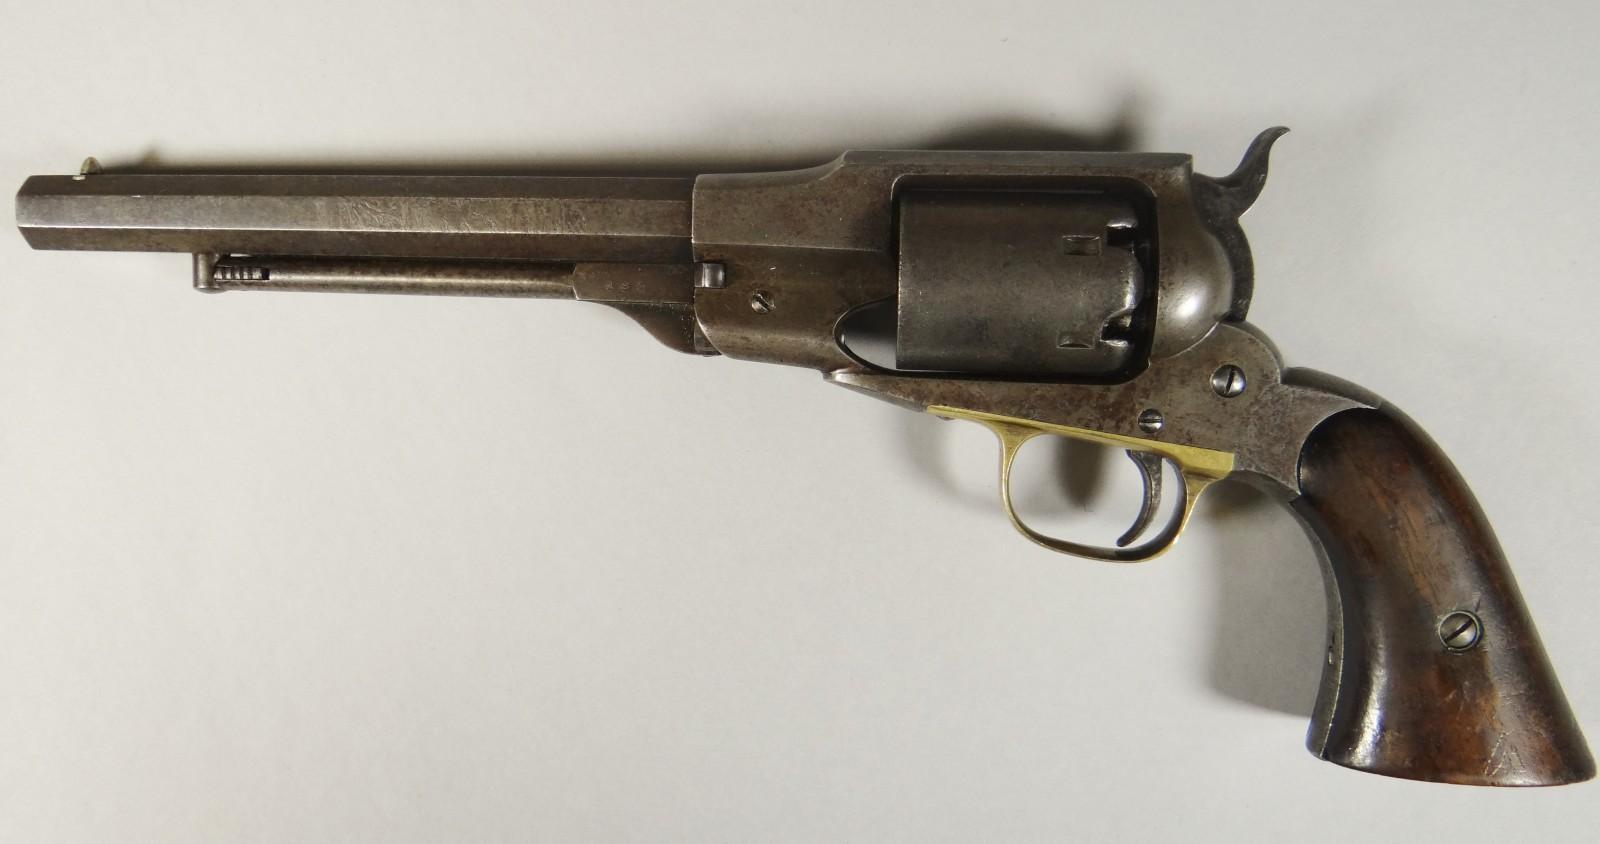 Remington Beals Navy Revolver  36 Cal with octagonal barrel